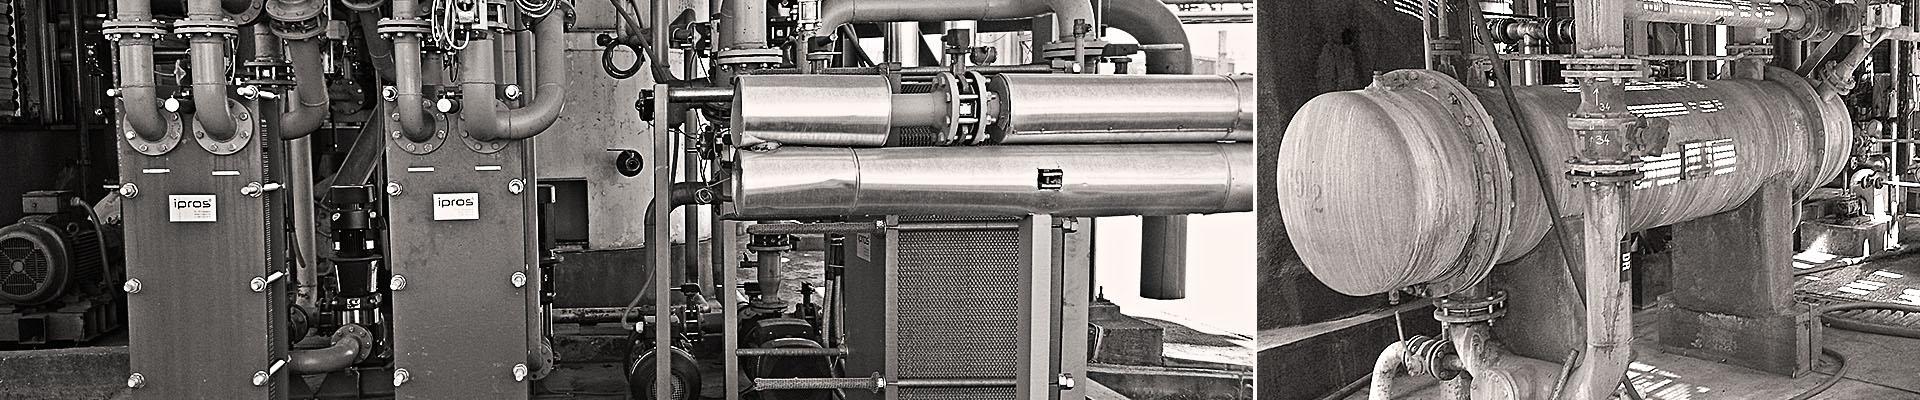 Heat Exchangers | Ipros